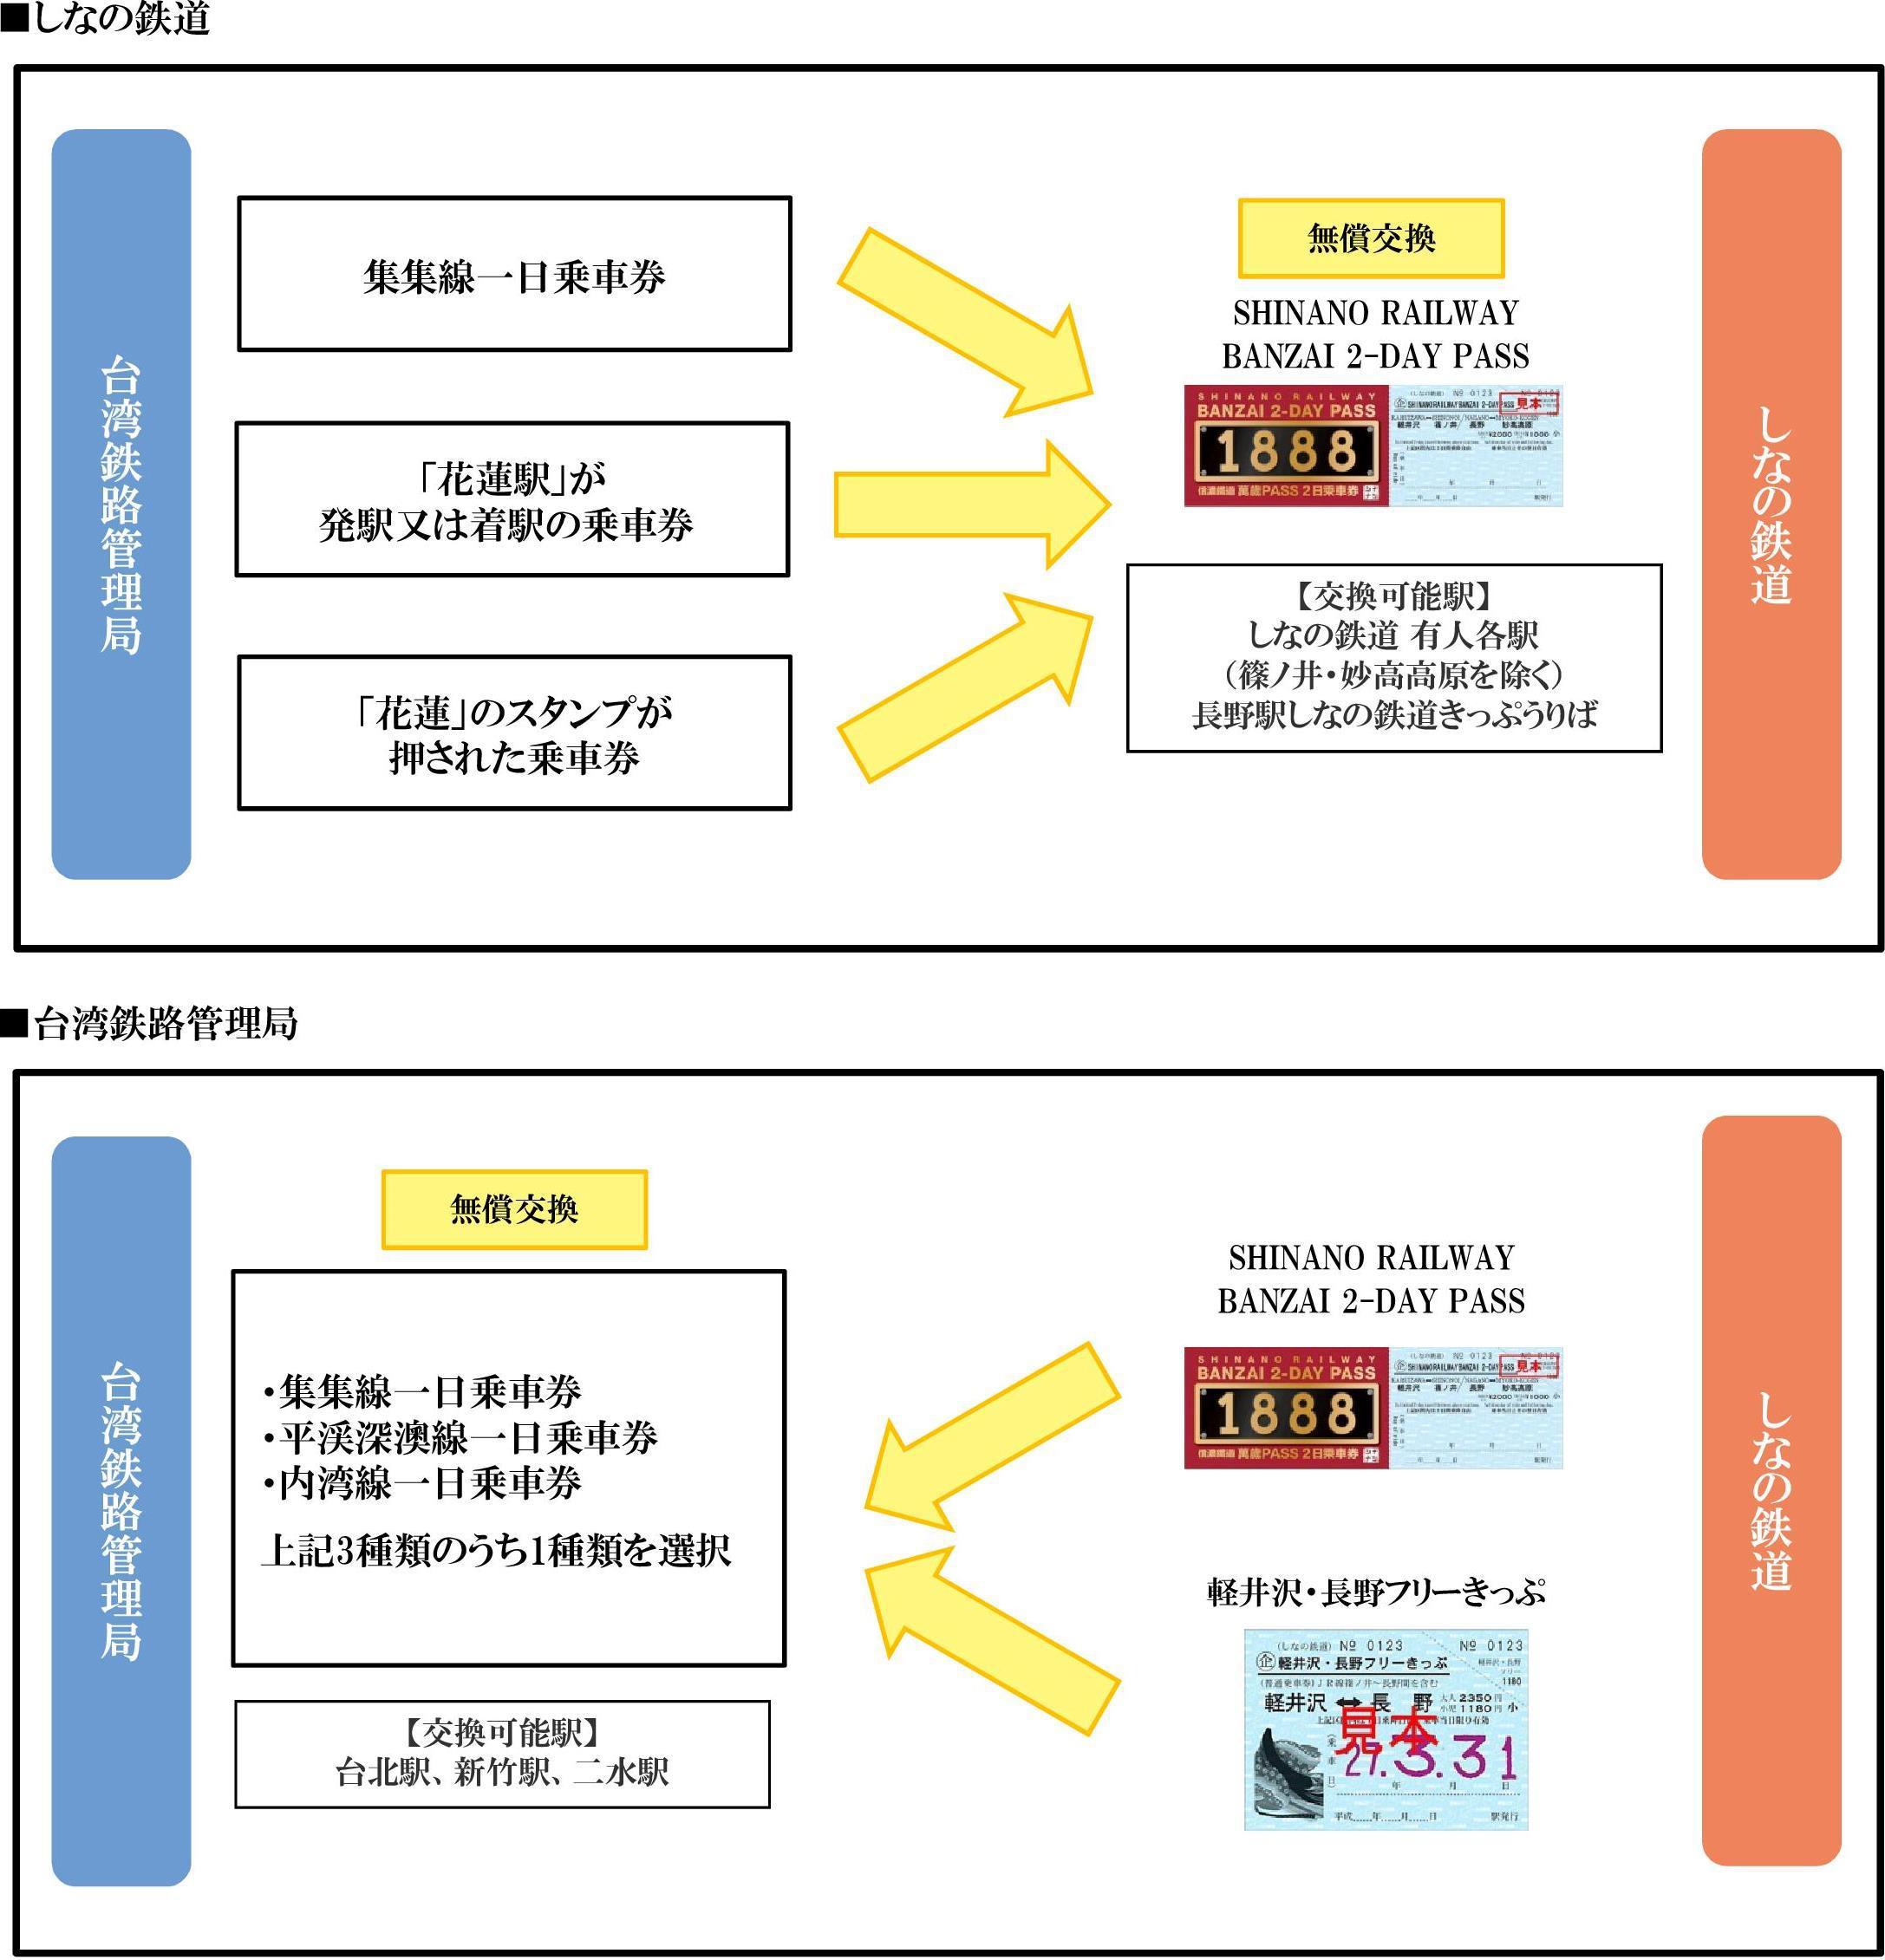 201902_taitestu_joshaken_koryu.jpg